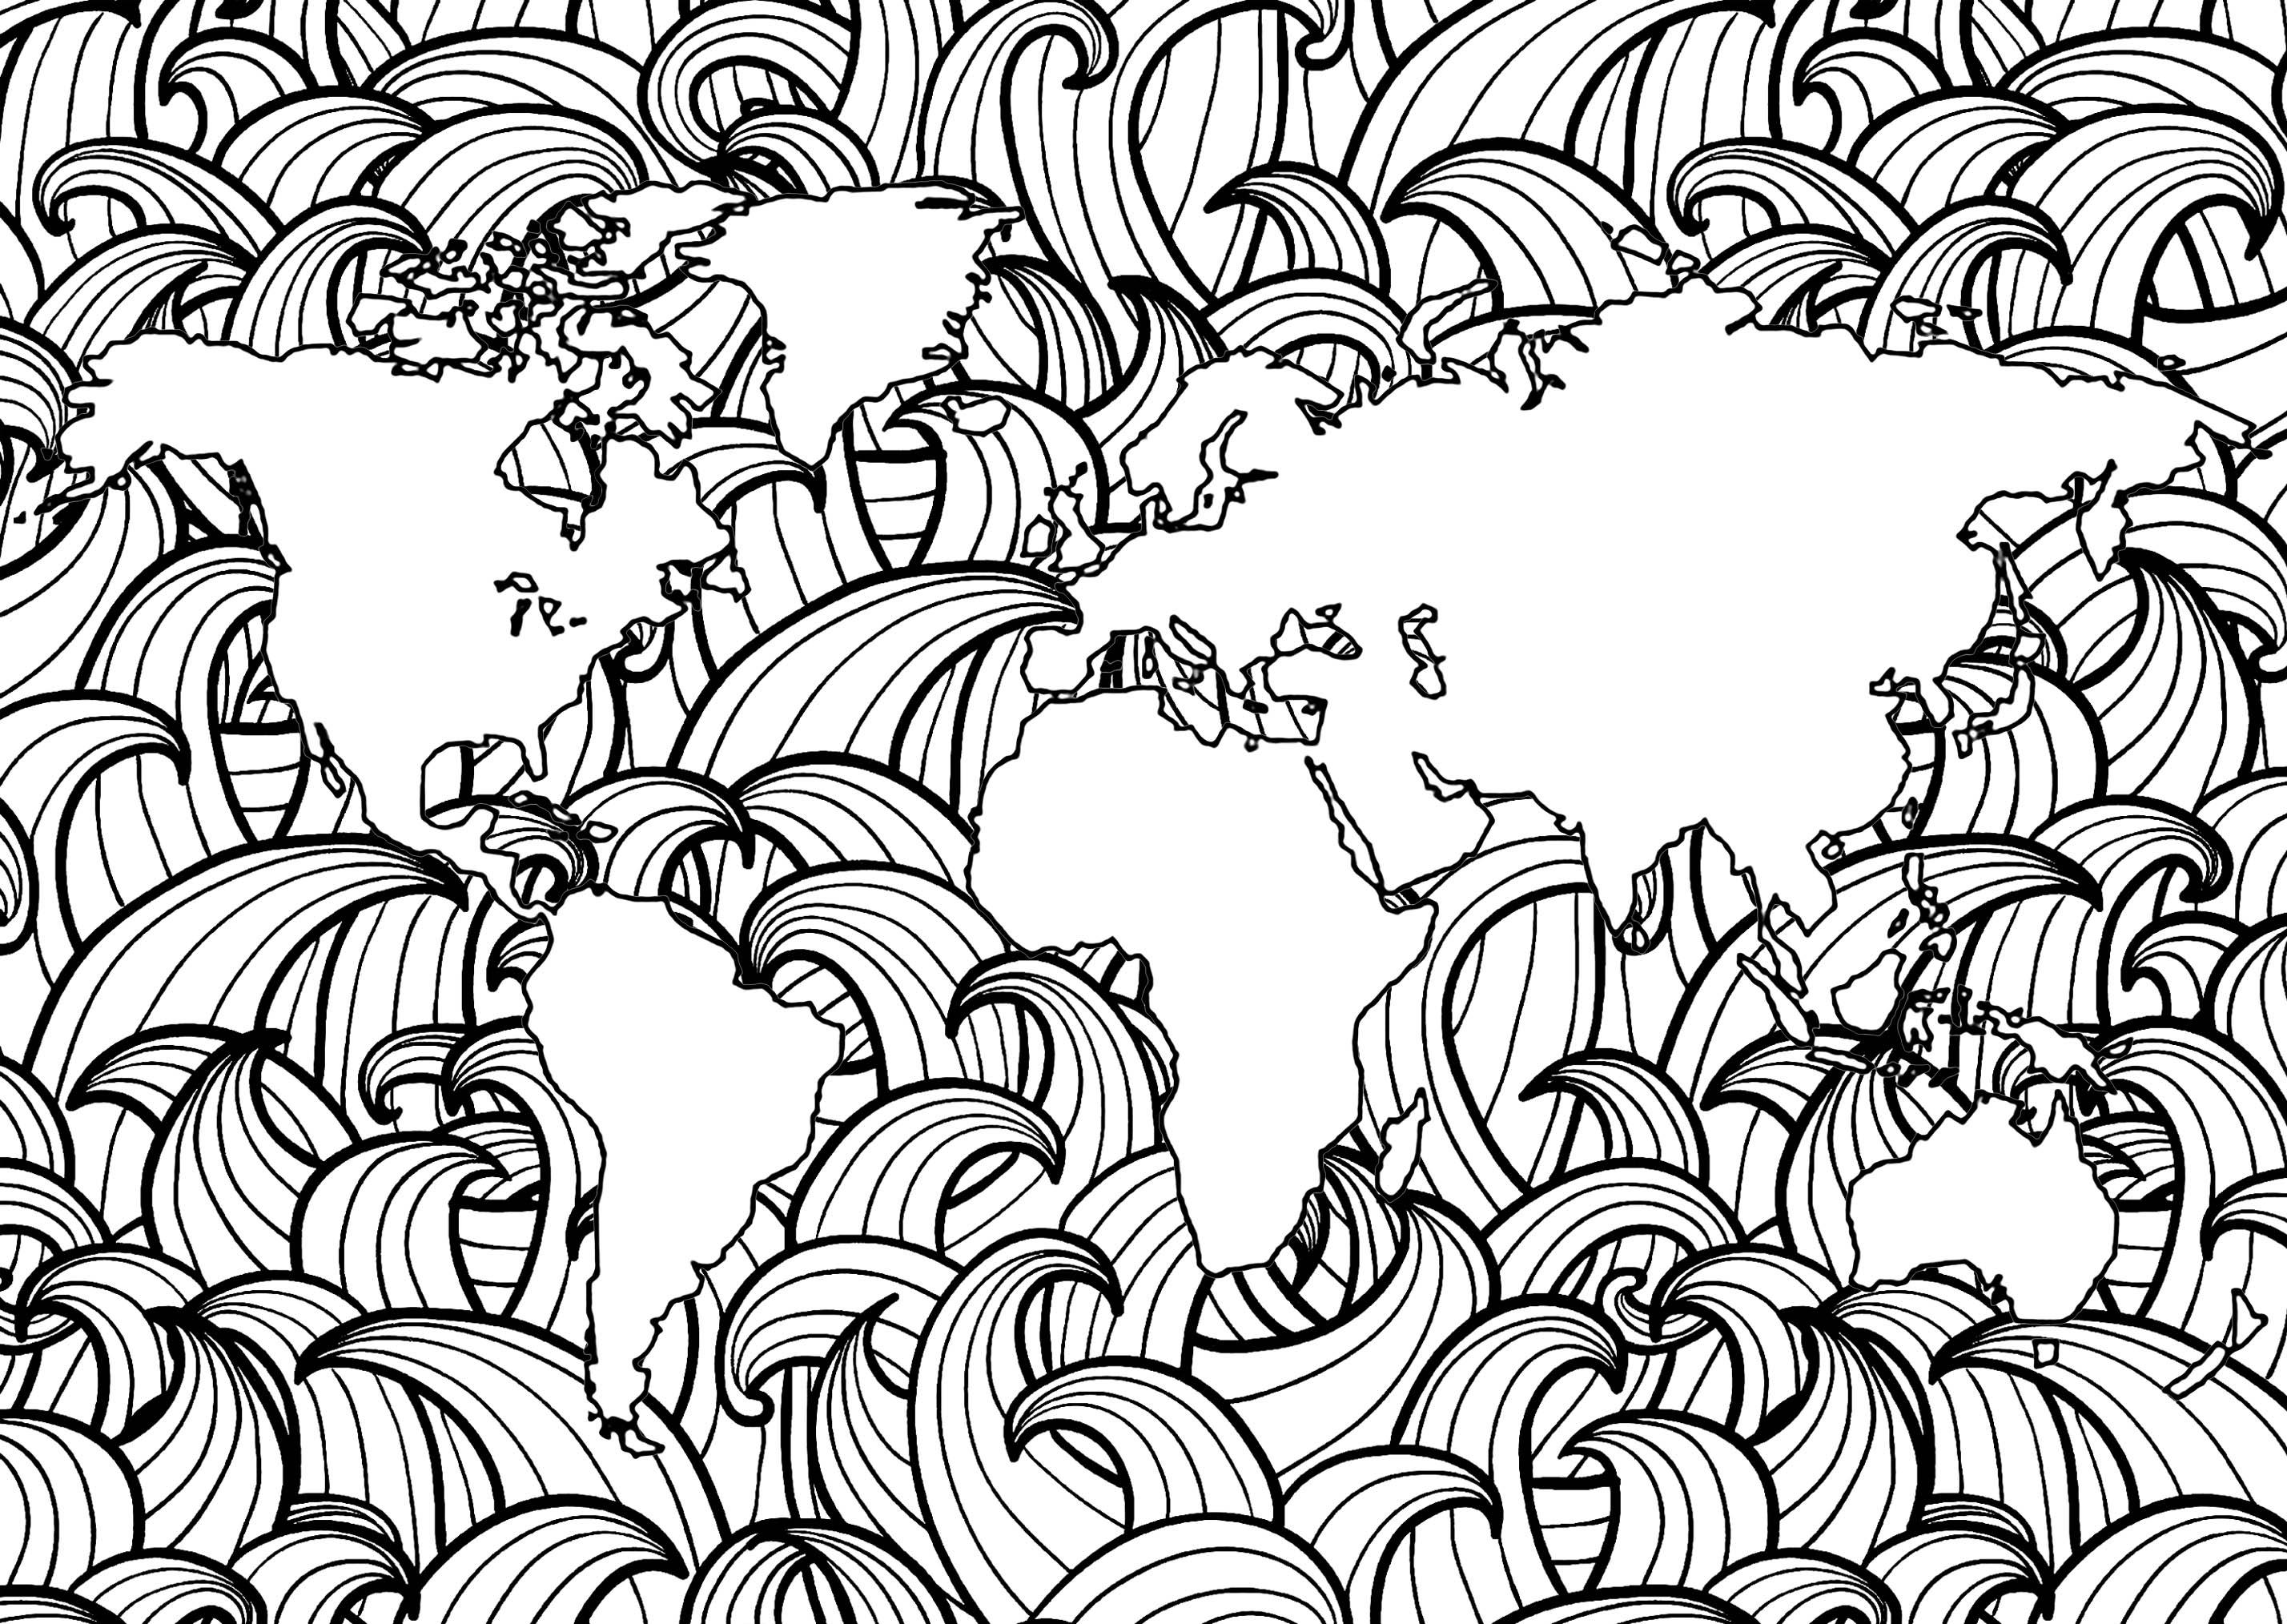 Planisphère avec motifs de vagues simples dans les mers